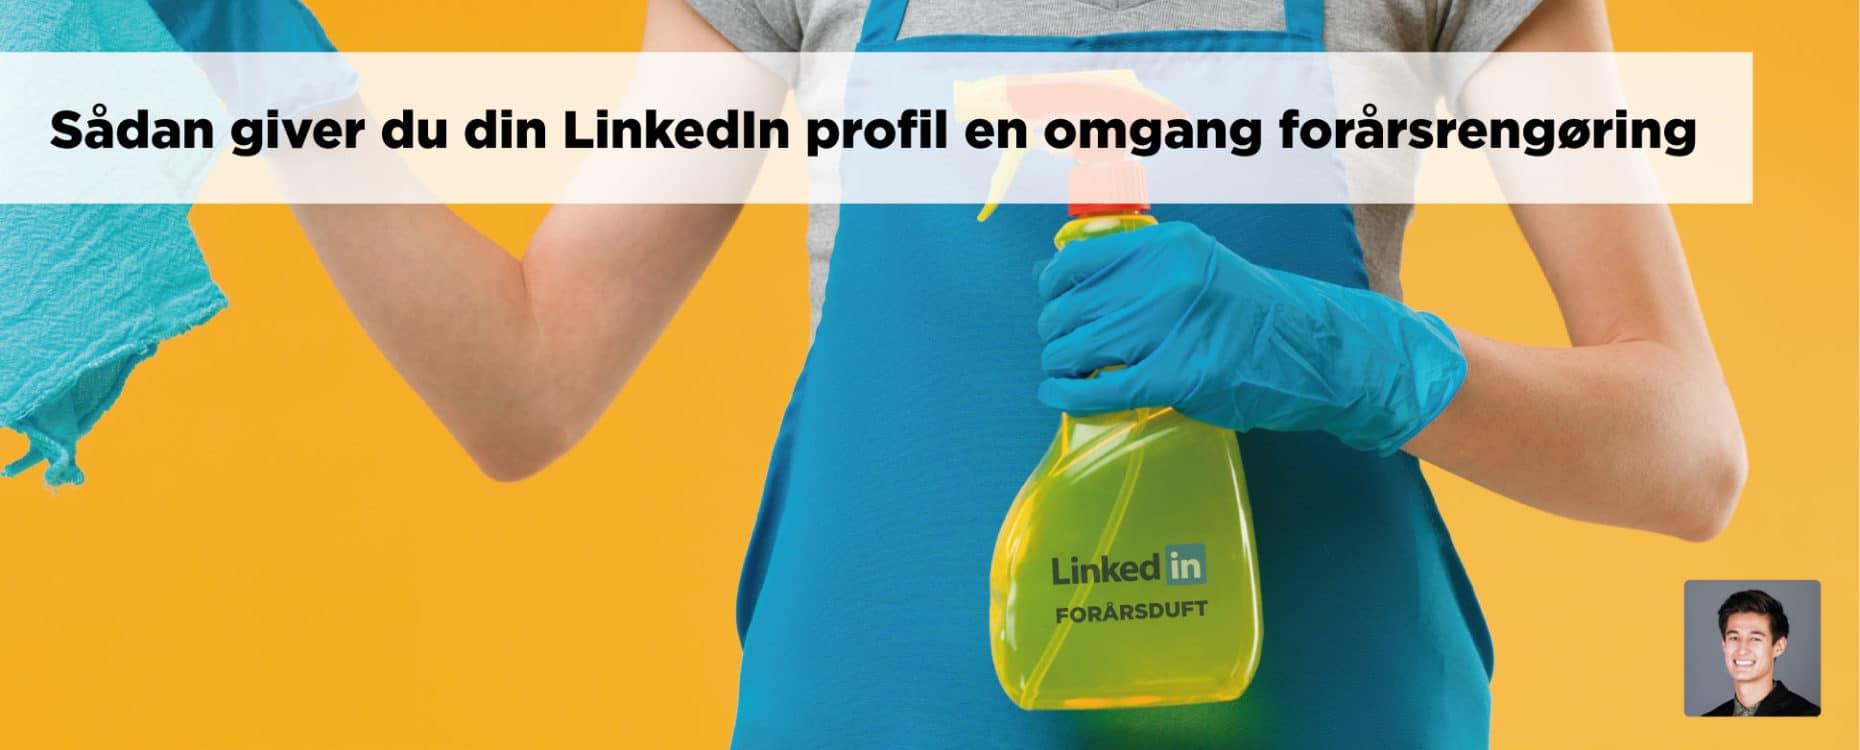 Blogindlæg og guide til hvordan du kan give din LinkedIn profil en omgang forårsrengøring